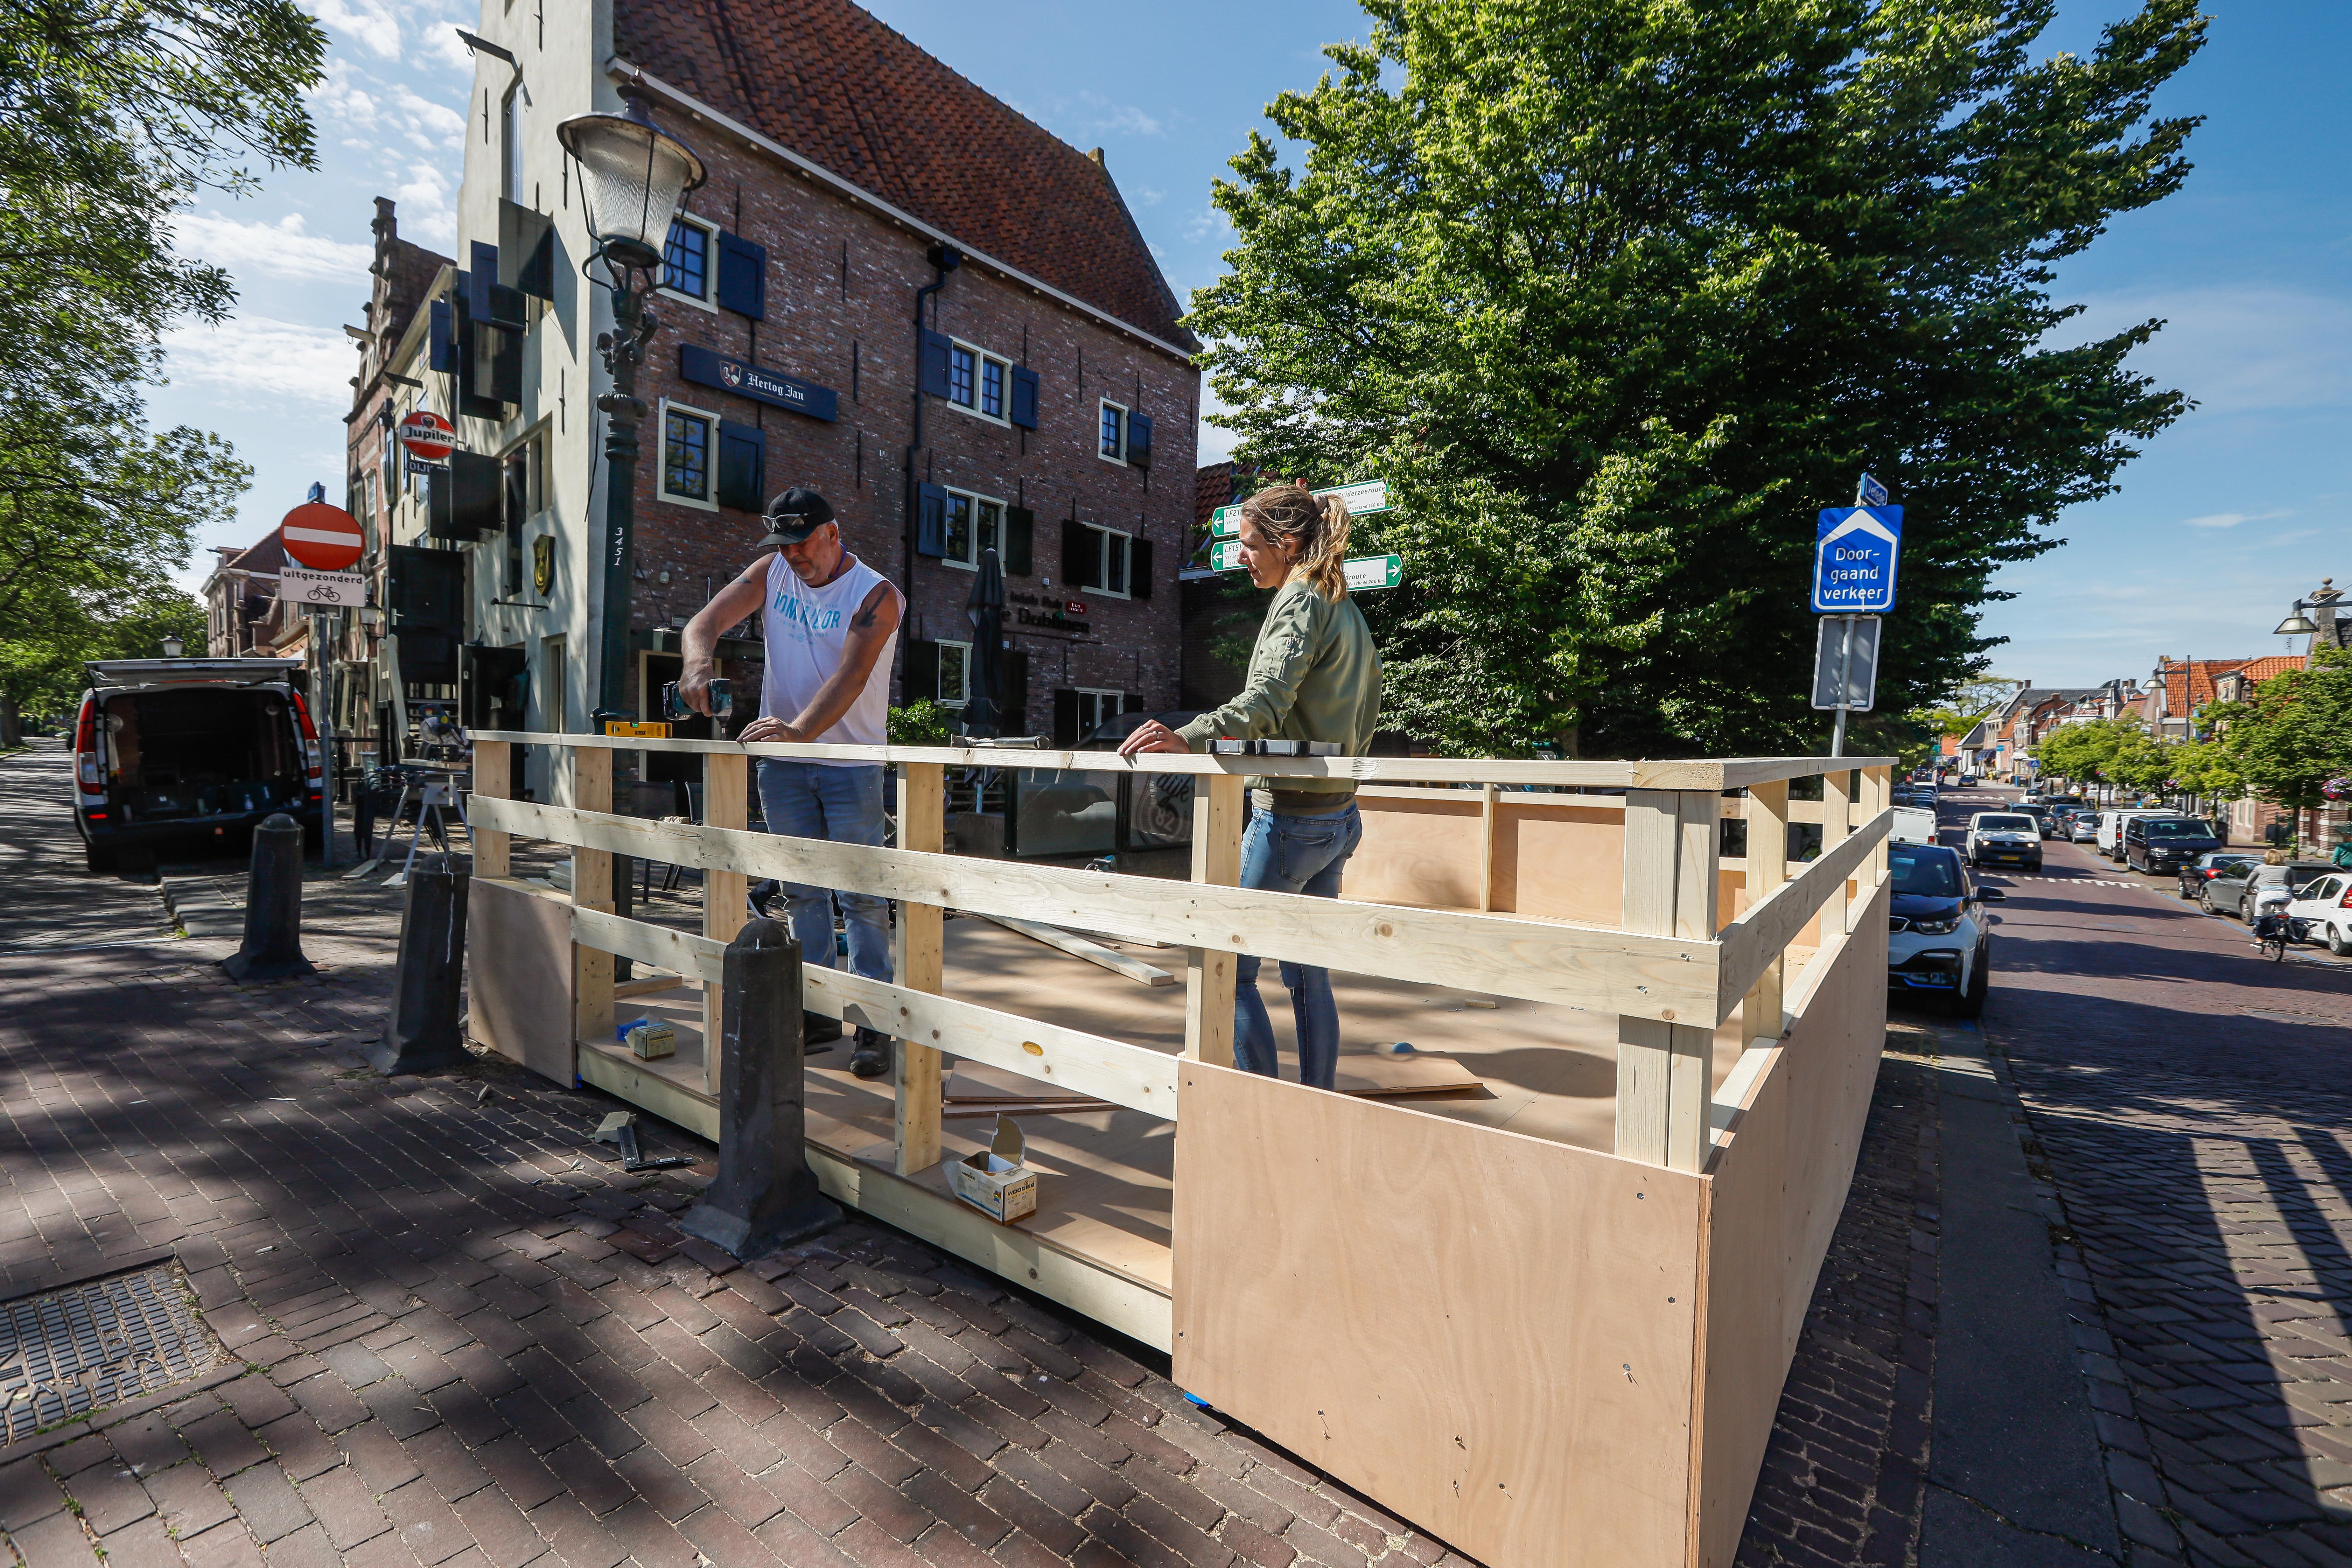 Naar verwachting geen actievoerende horeca in Hoorn. 'Einde van walgelijke tunnel komt langzamerhand in zicht'